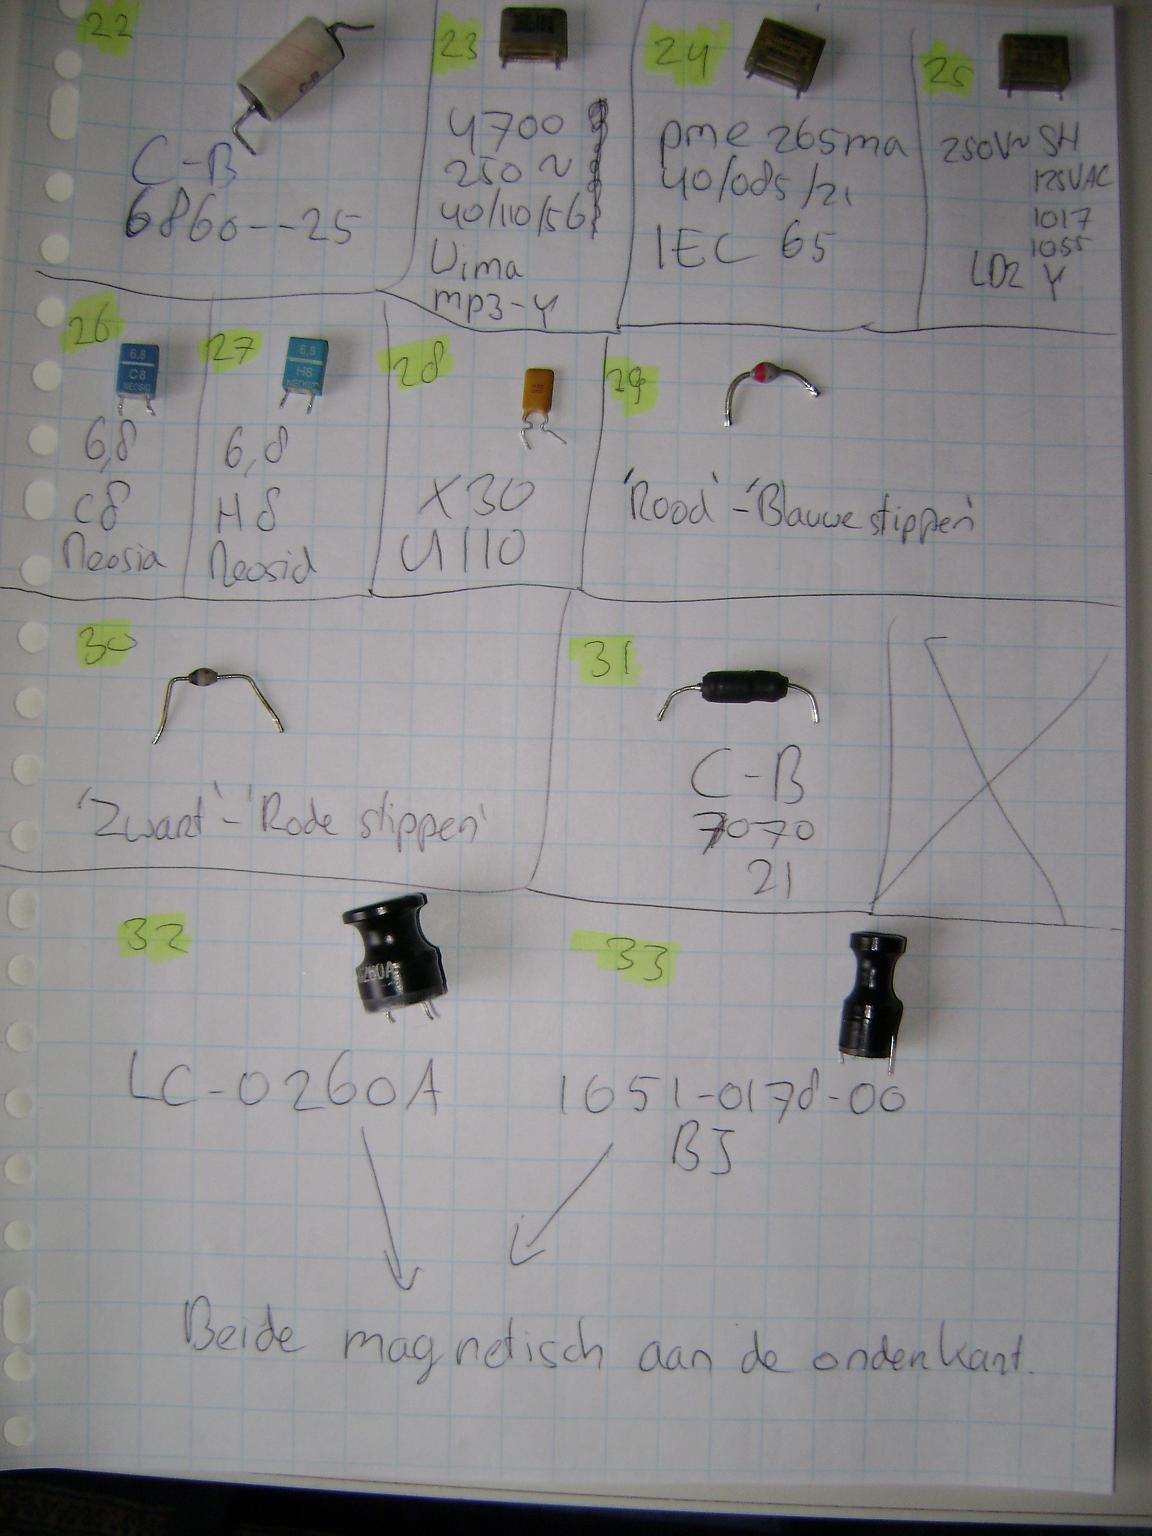 Het Wat Is Doet Dit Onderdeel Topic Forum Circuits Online Led Circuit Calculator Http Wwwcircuitsonlinenet Download 48 Uploadarchiefnet Files Kopie